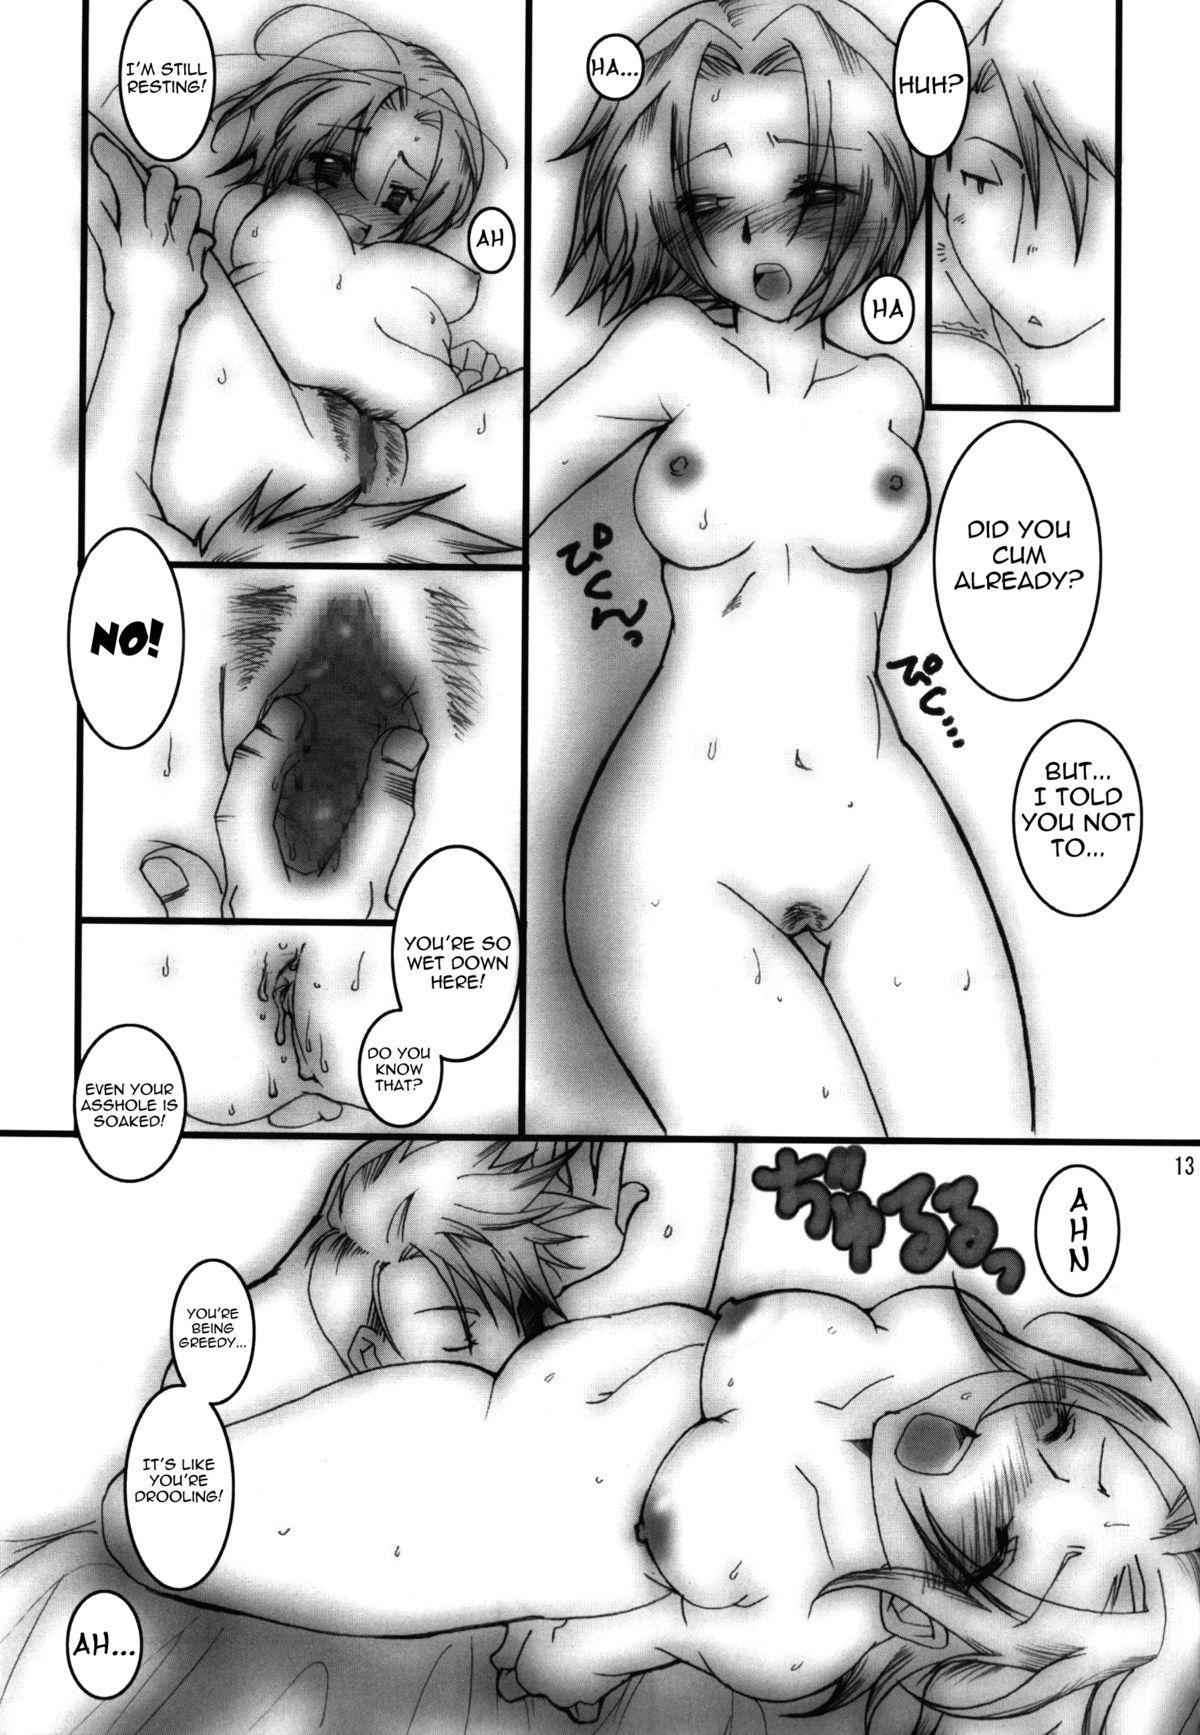 (C70) [Hamustar (Chibinyo)] Hamu-juu -San- (Naruto) [English] [Yoroshii] 11